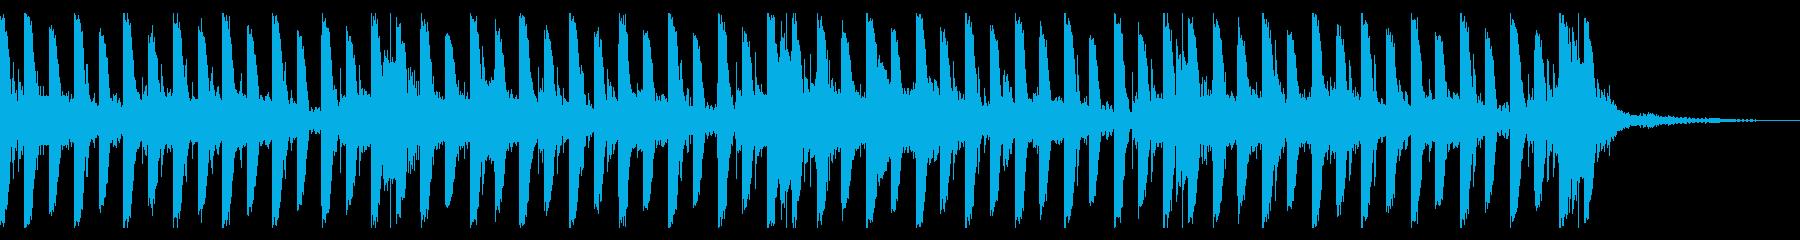 スイープ、128 BPMの再生済みの波形